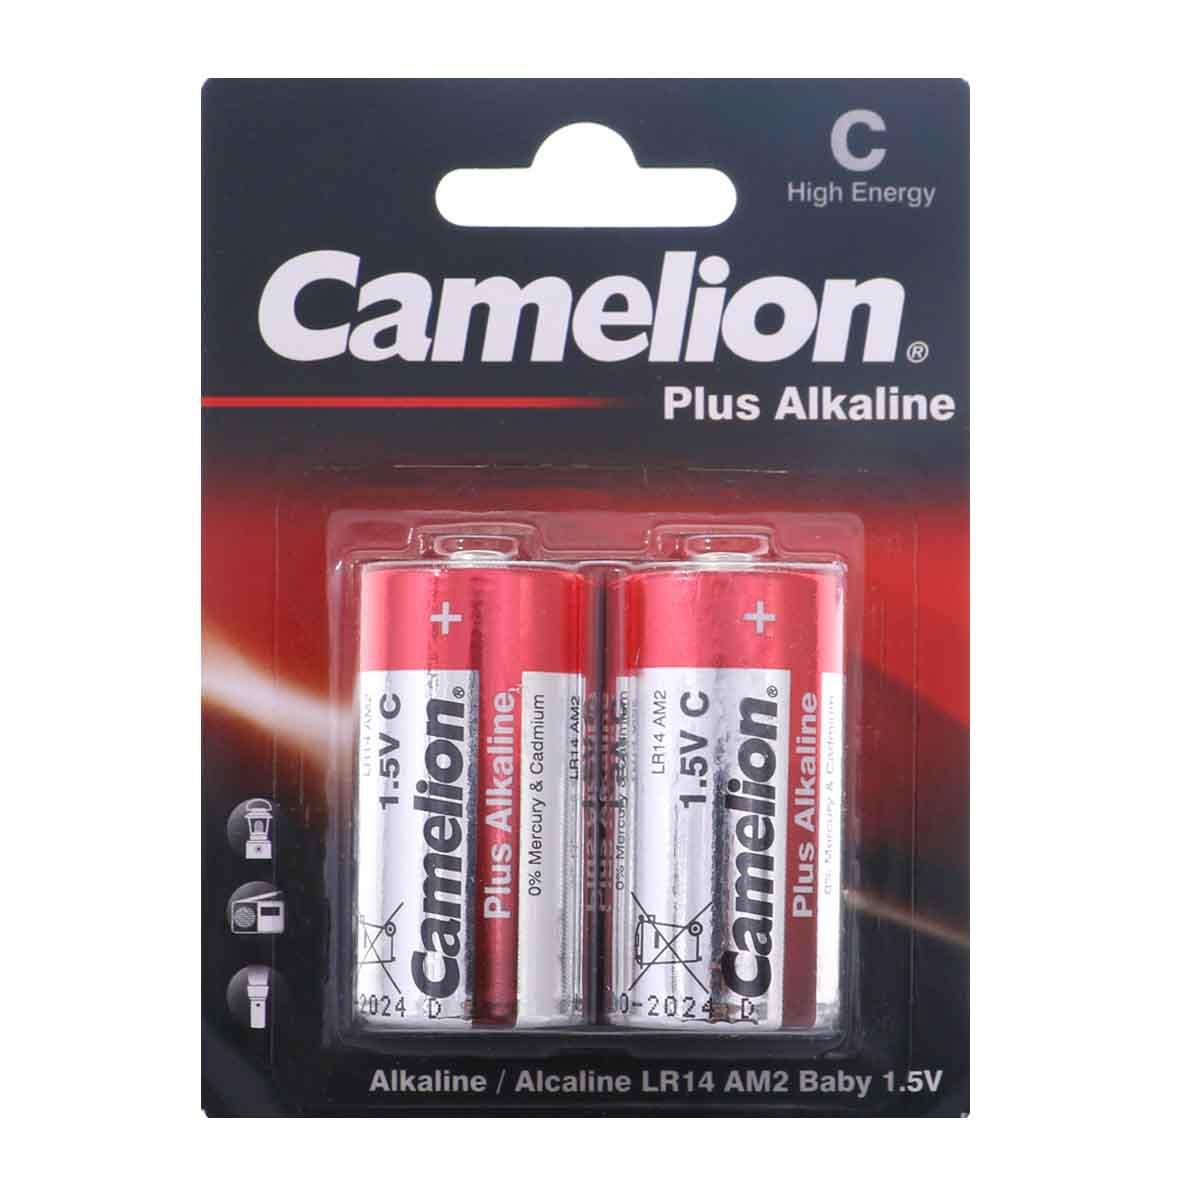 باتری C کملیون مدل Plus Alkaline بسته 2 عددی